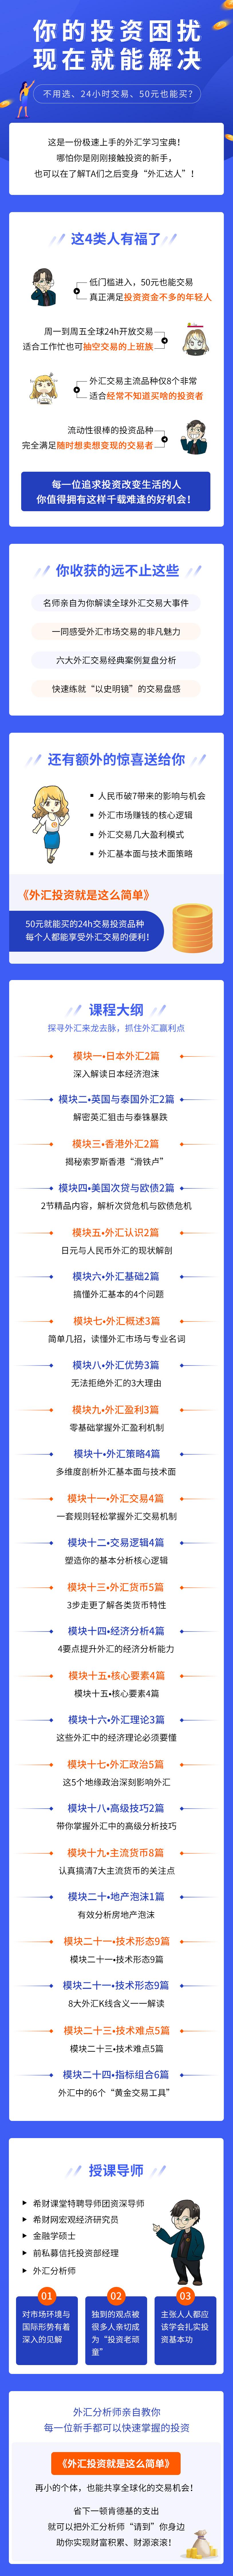 《外汇投资就是这么简单》(1)(1)(1).jpg